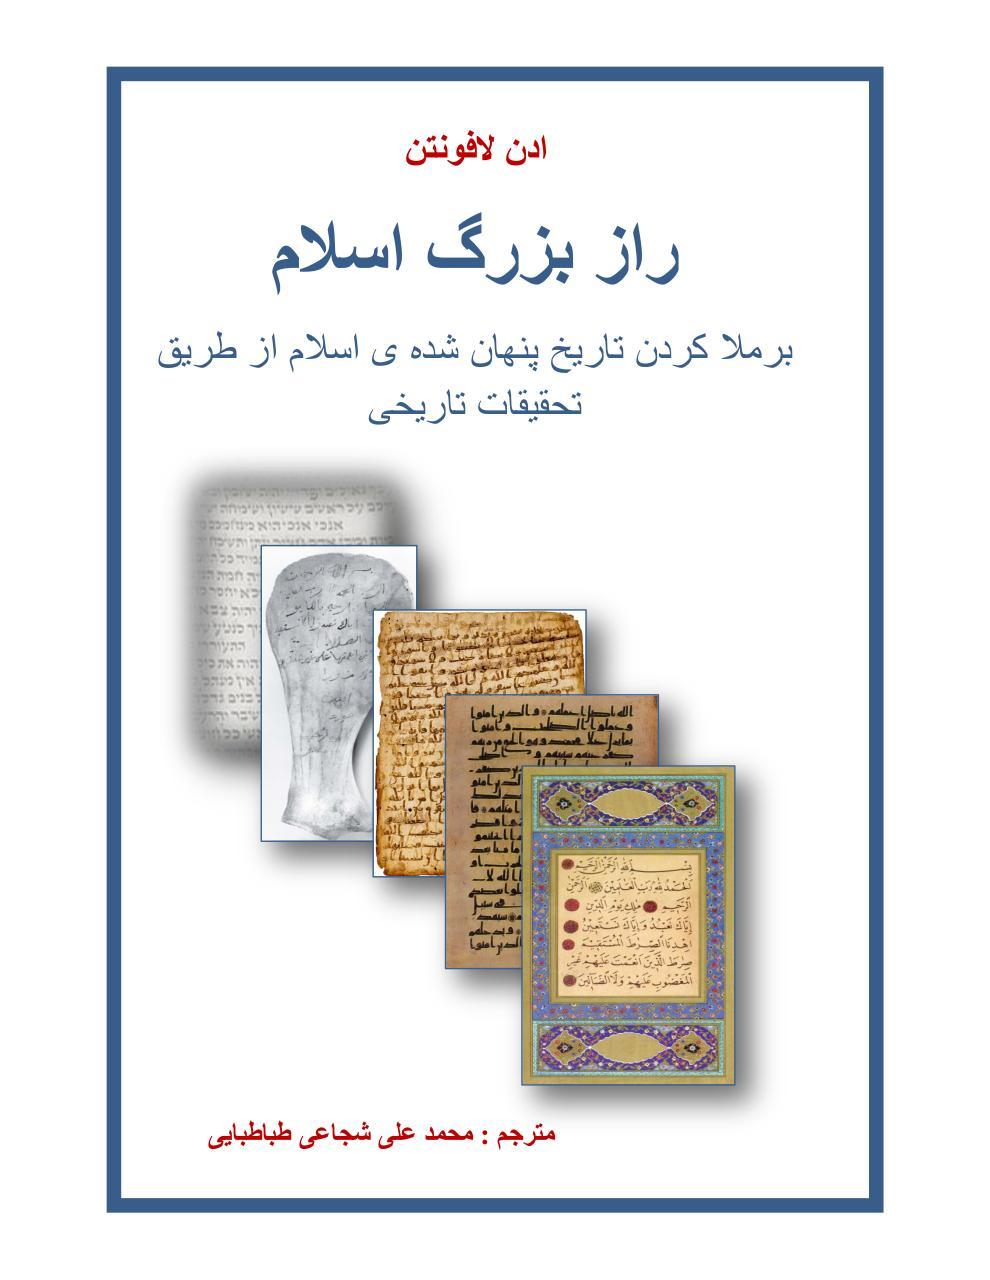 دانلود کتابهای ممنوعه